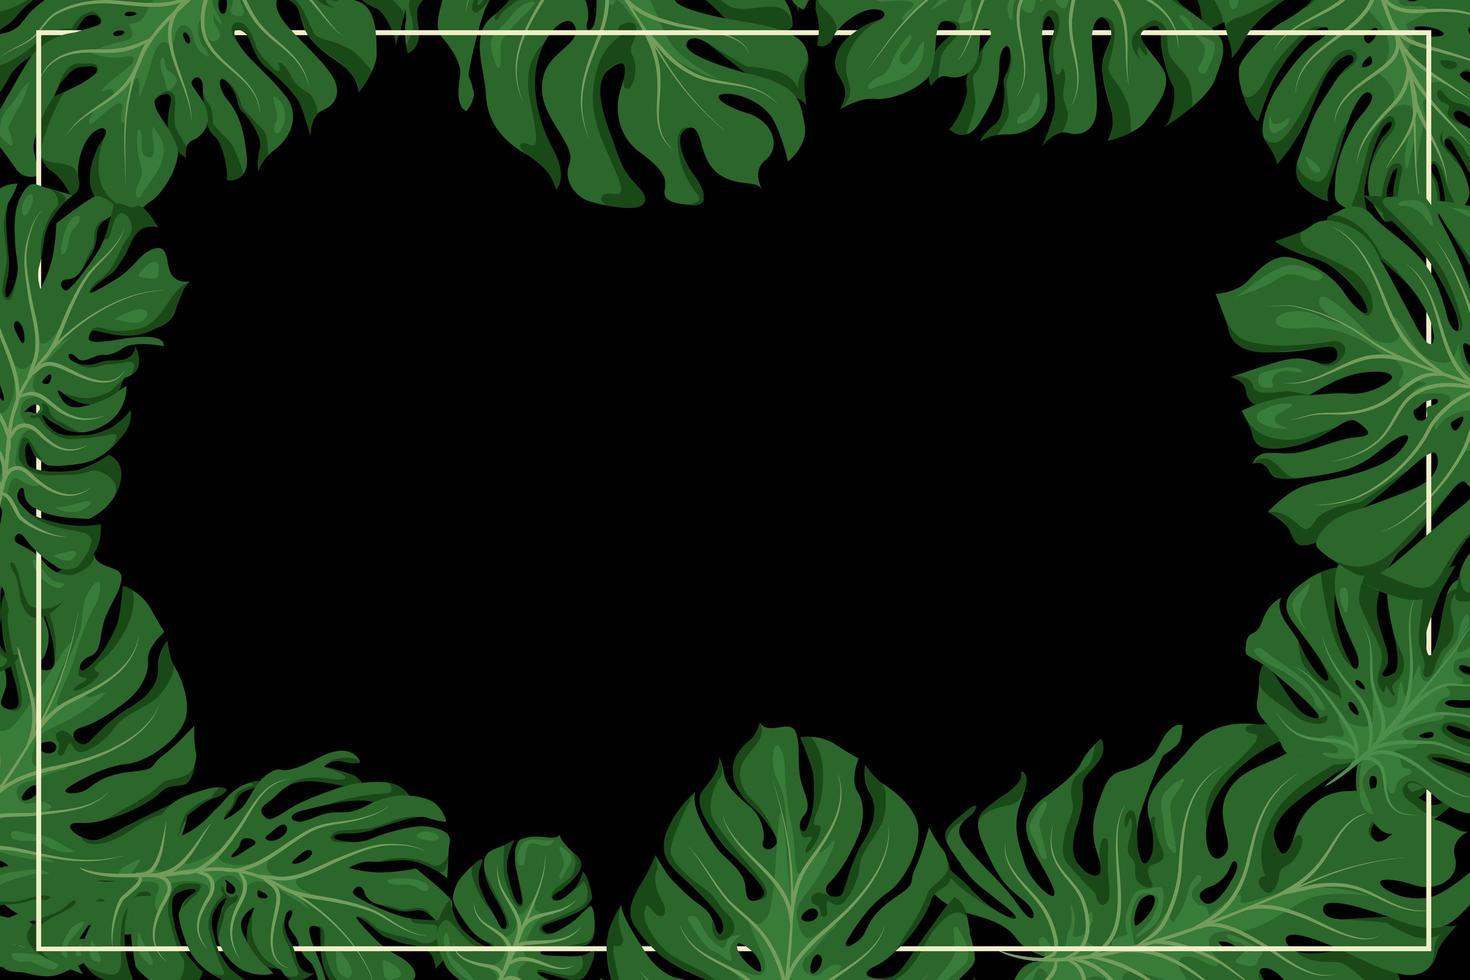 Monstera Rahmen für Tapete oder Hintergrund vektor